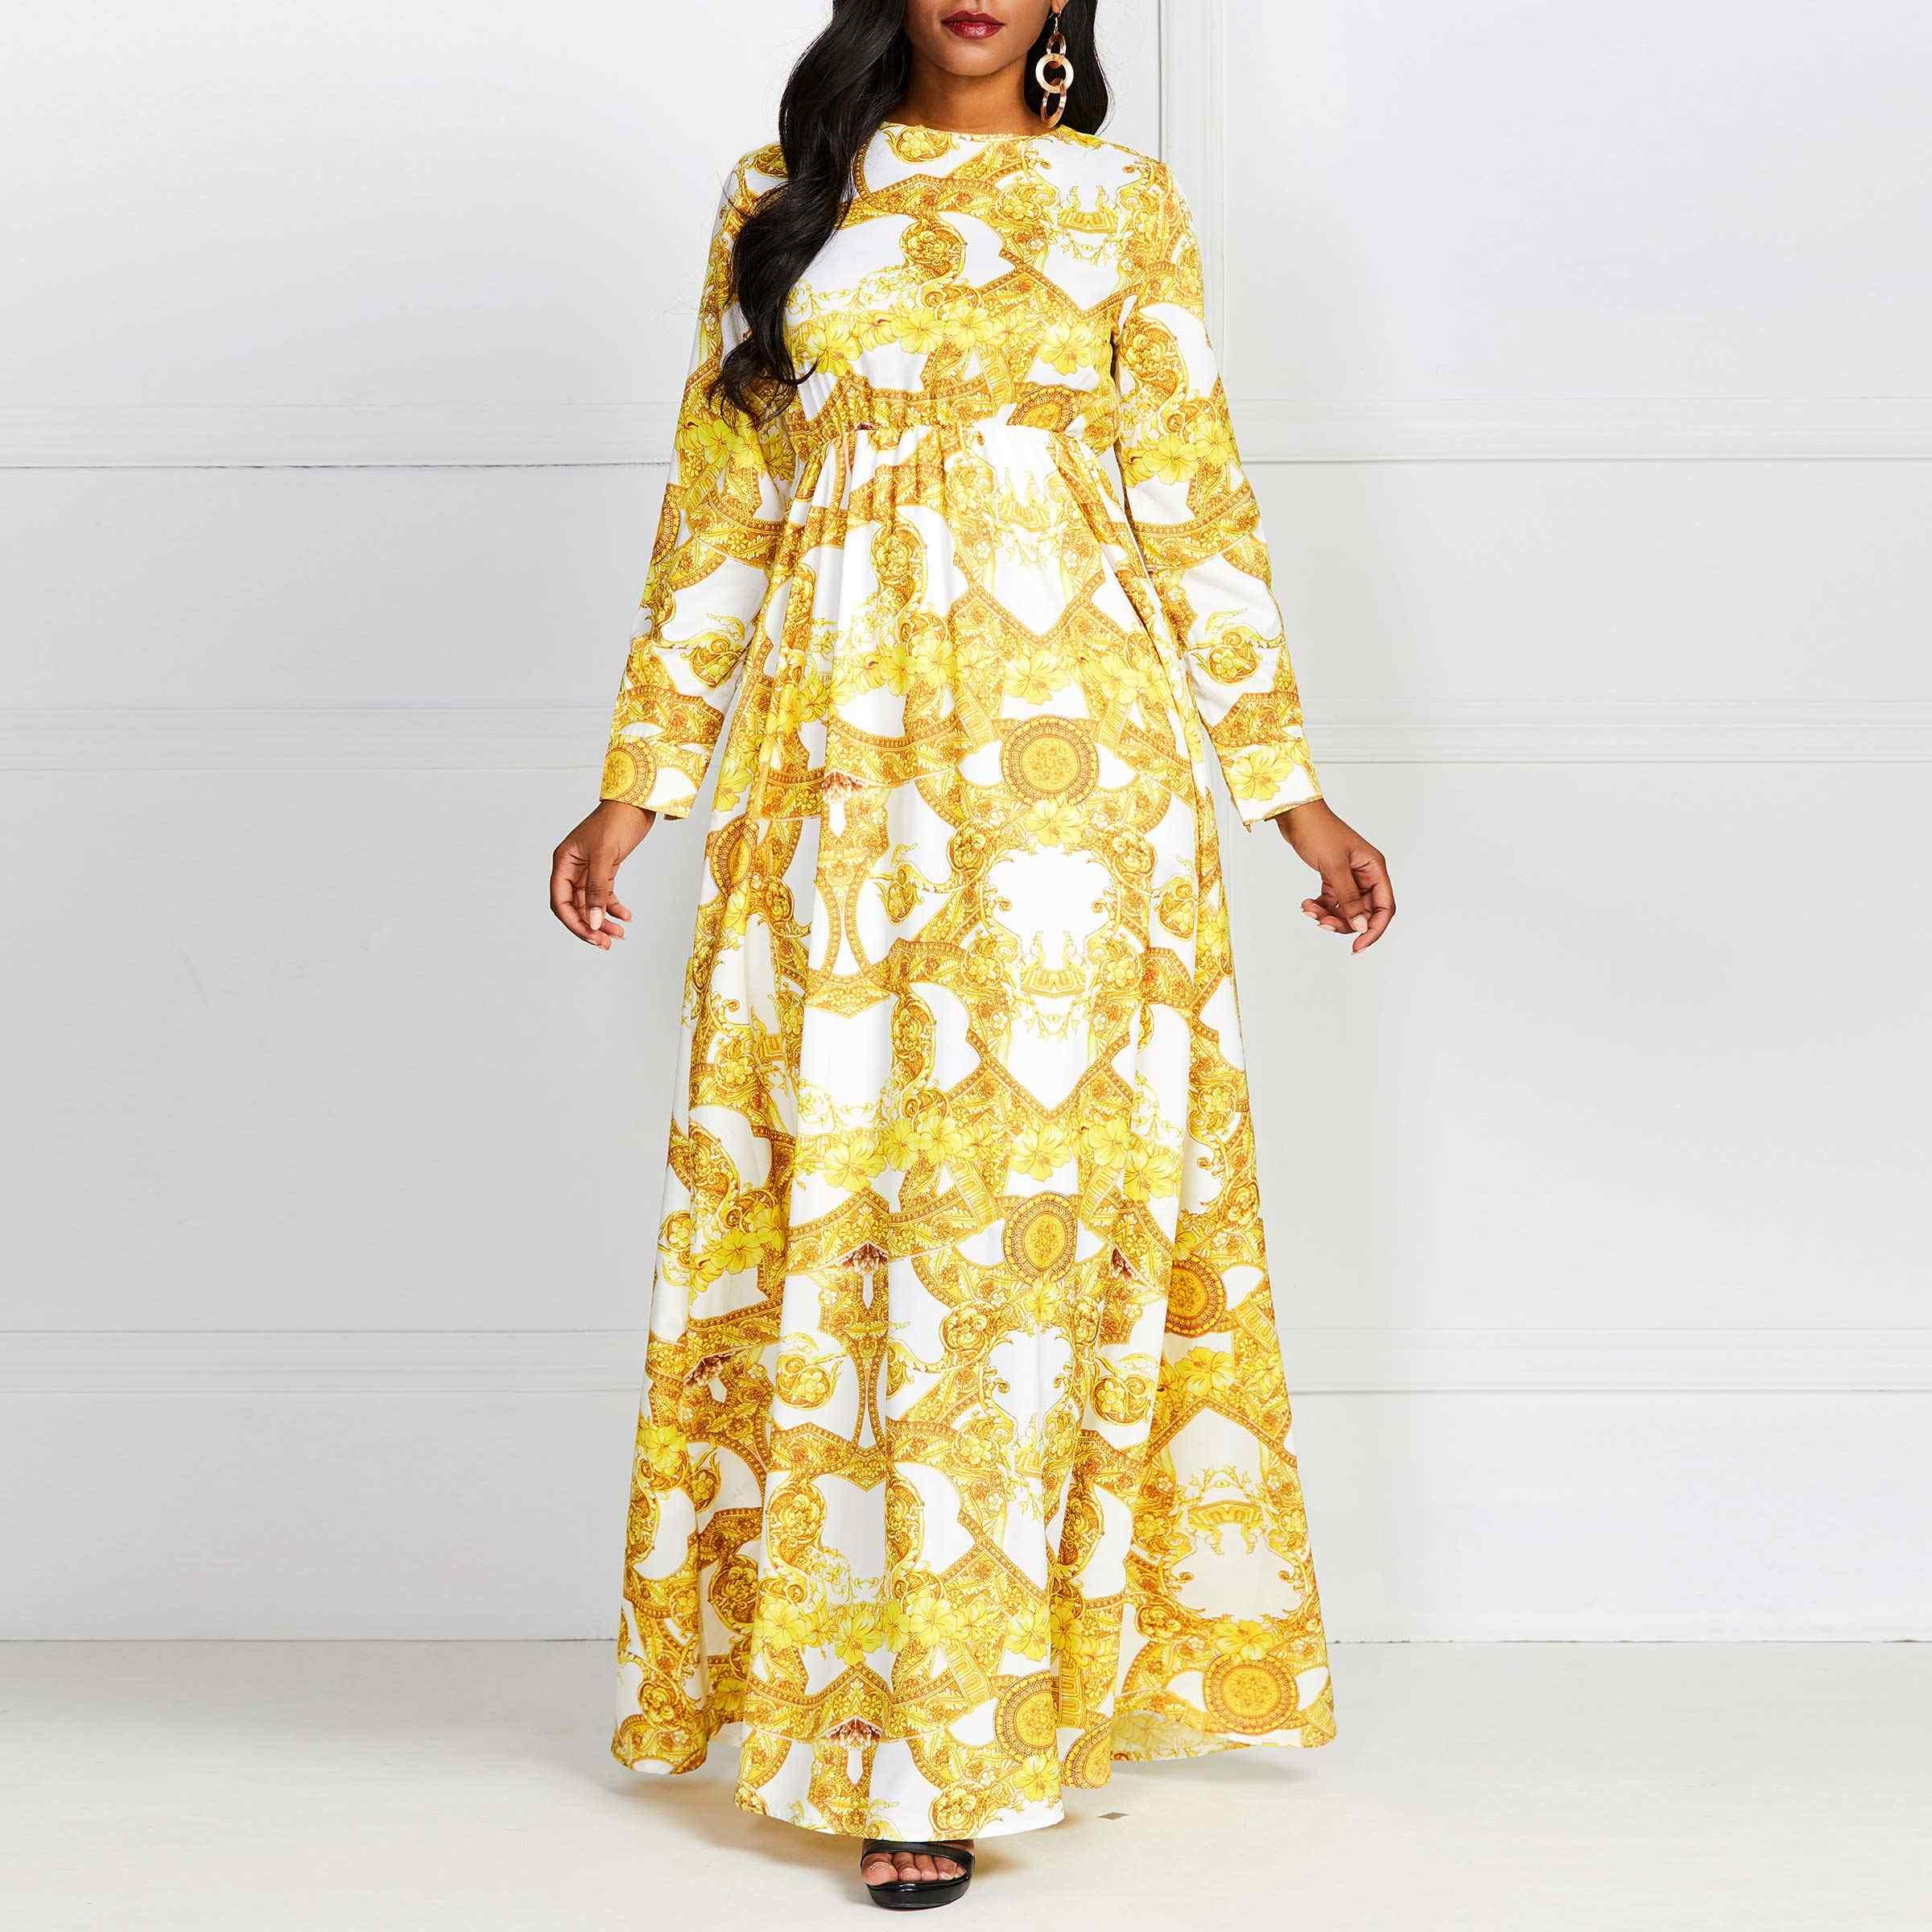 Летние Элегантные Boho желтые африканские черные женские длинные платья Плюс Размер повседневные с принтом этнические 2019 женские модные макси платья